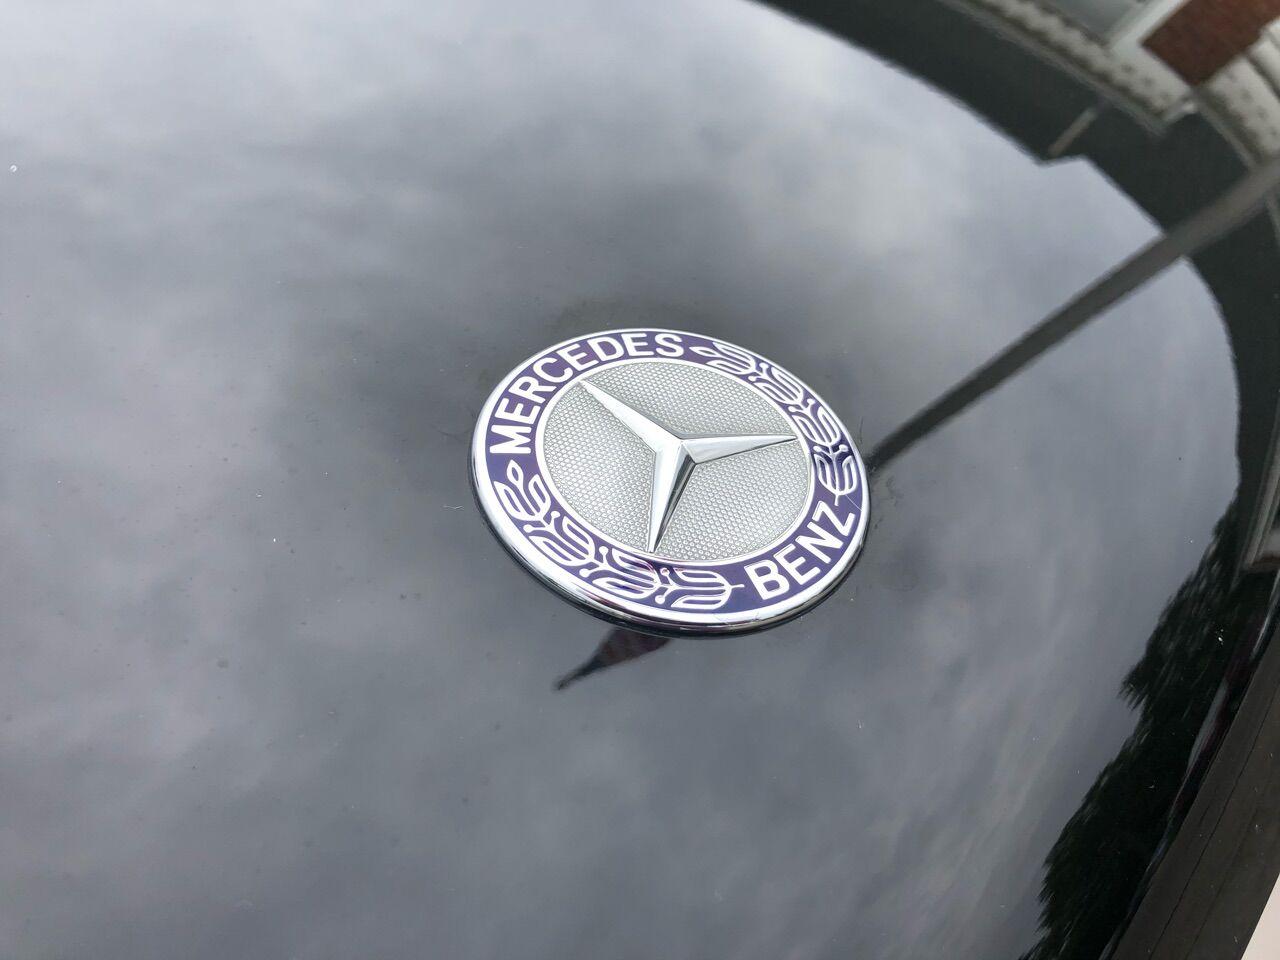 1998 Mercedes-Benz SL-Class Convertible